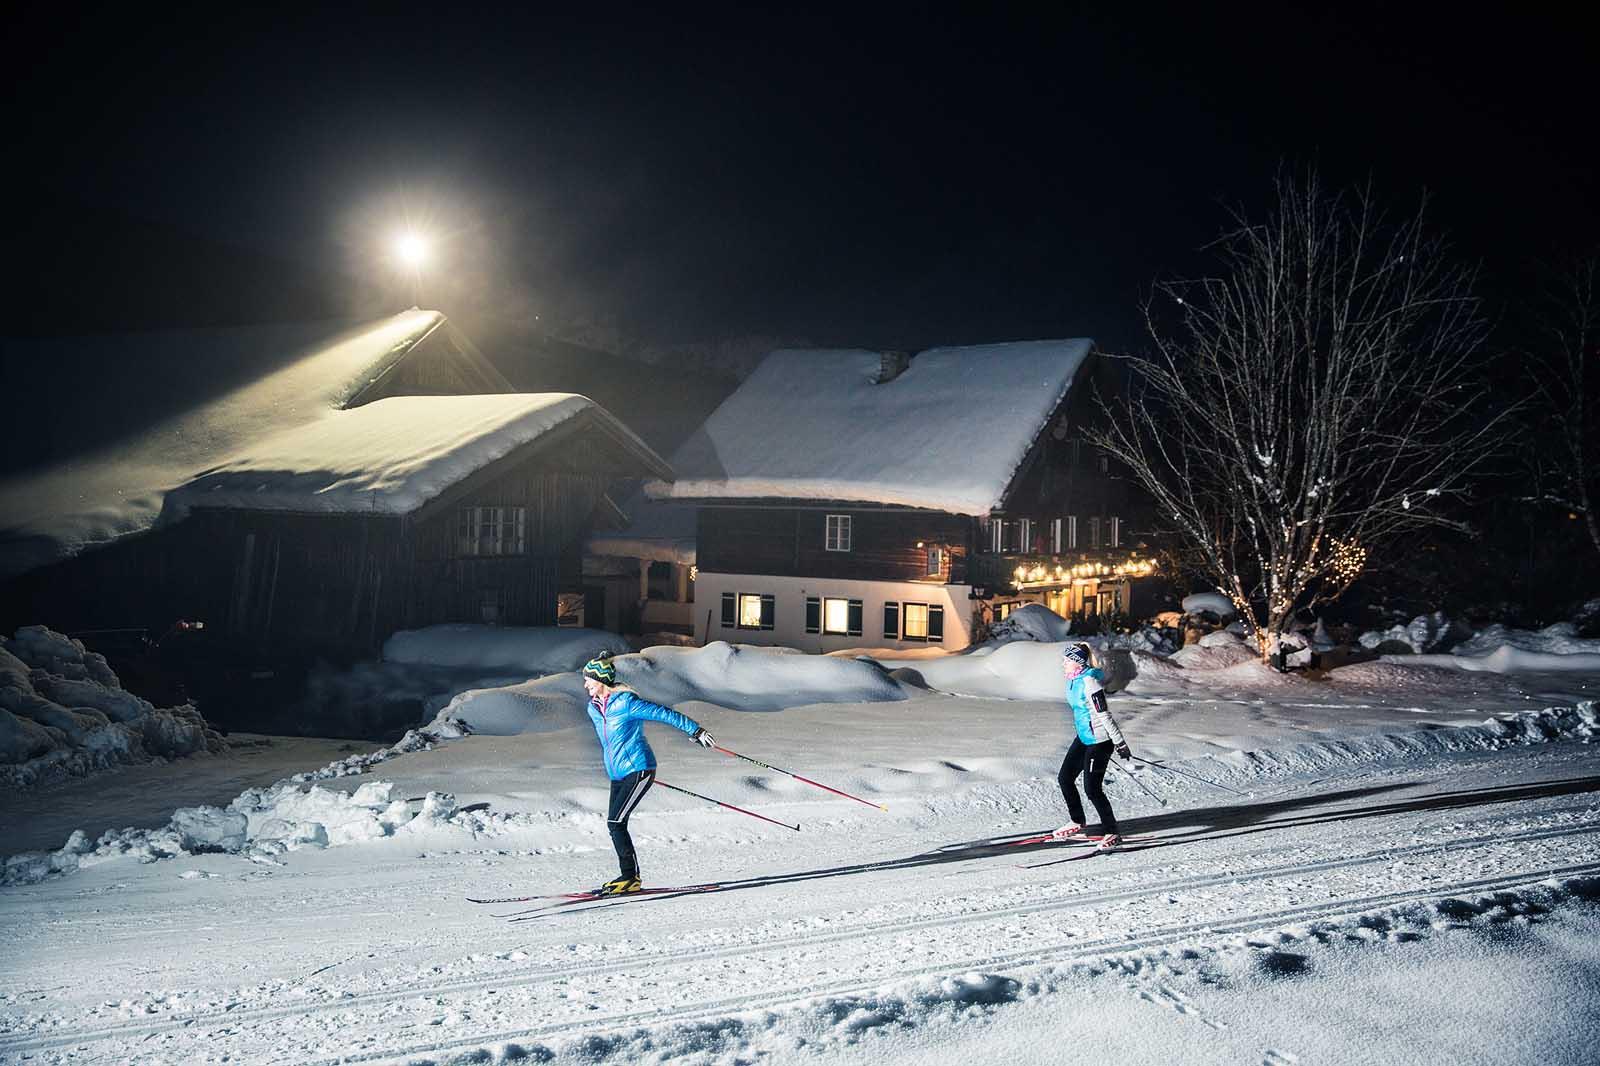 Langlaufen am Abend, Flutlicht beim Langlaufen, Beleuchtete Langlaufstrecke